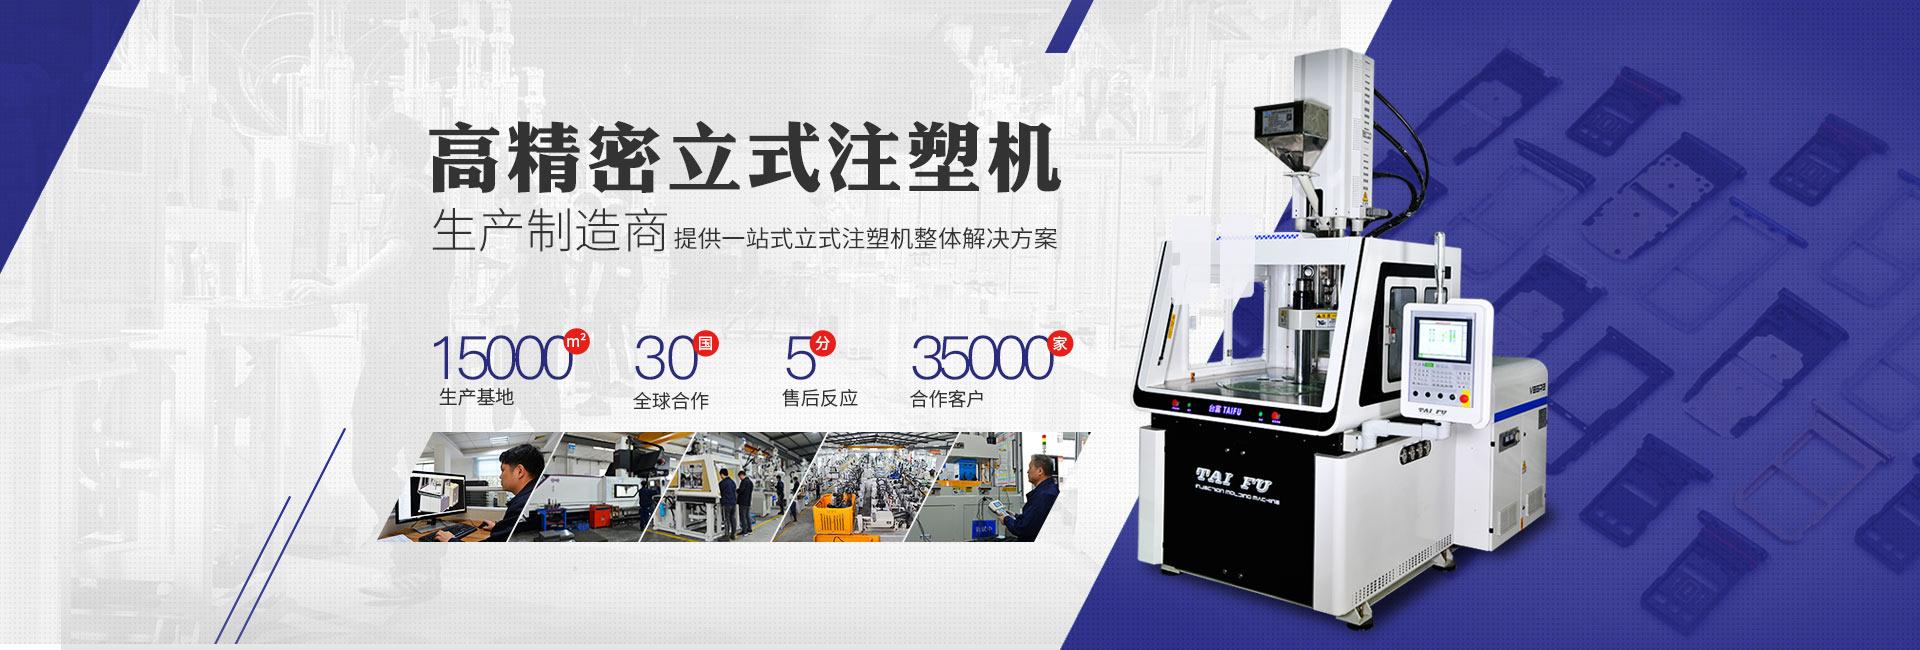 台富·高精密立式注塑机生产制造商